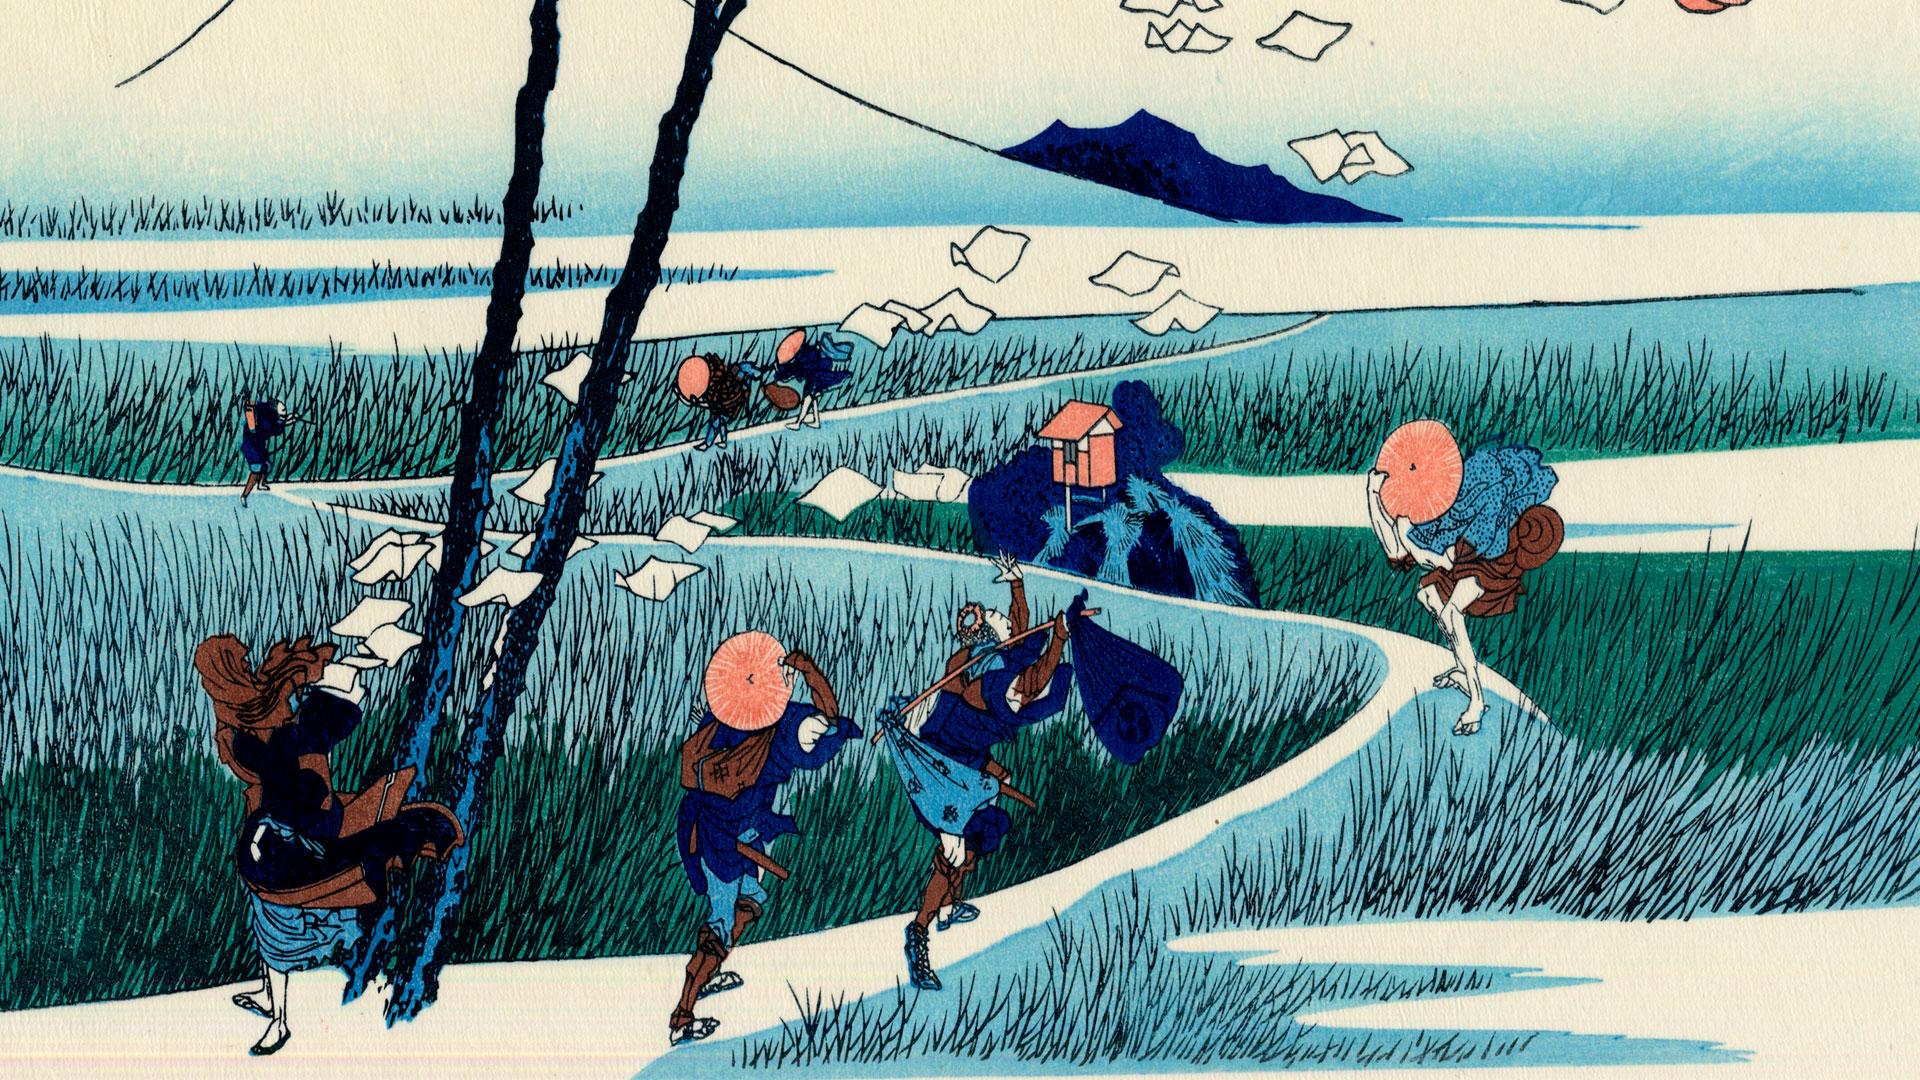 El monte Fuji como inspiración hero asset